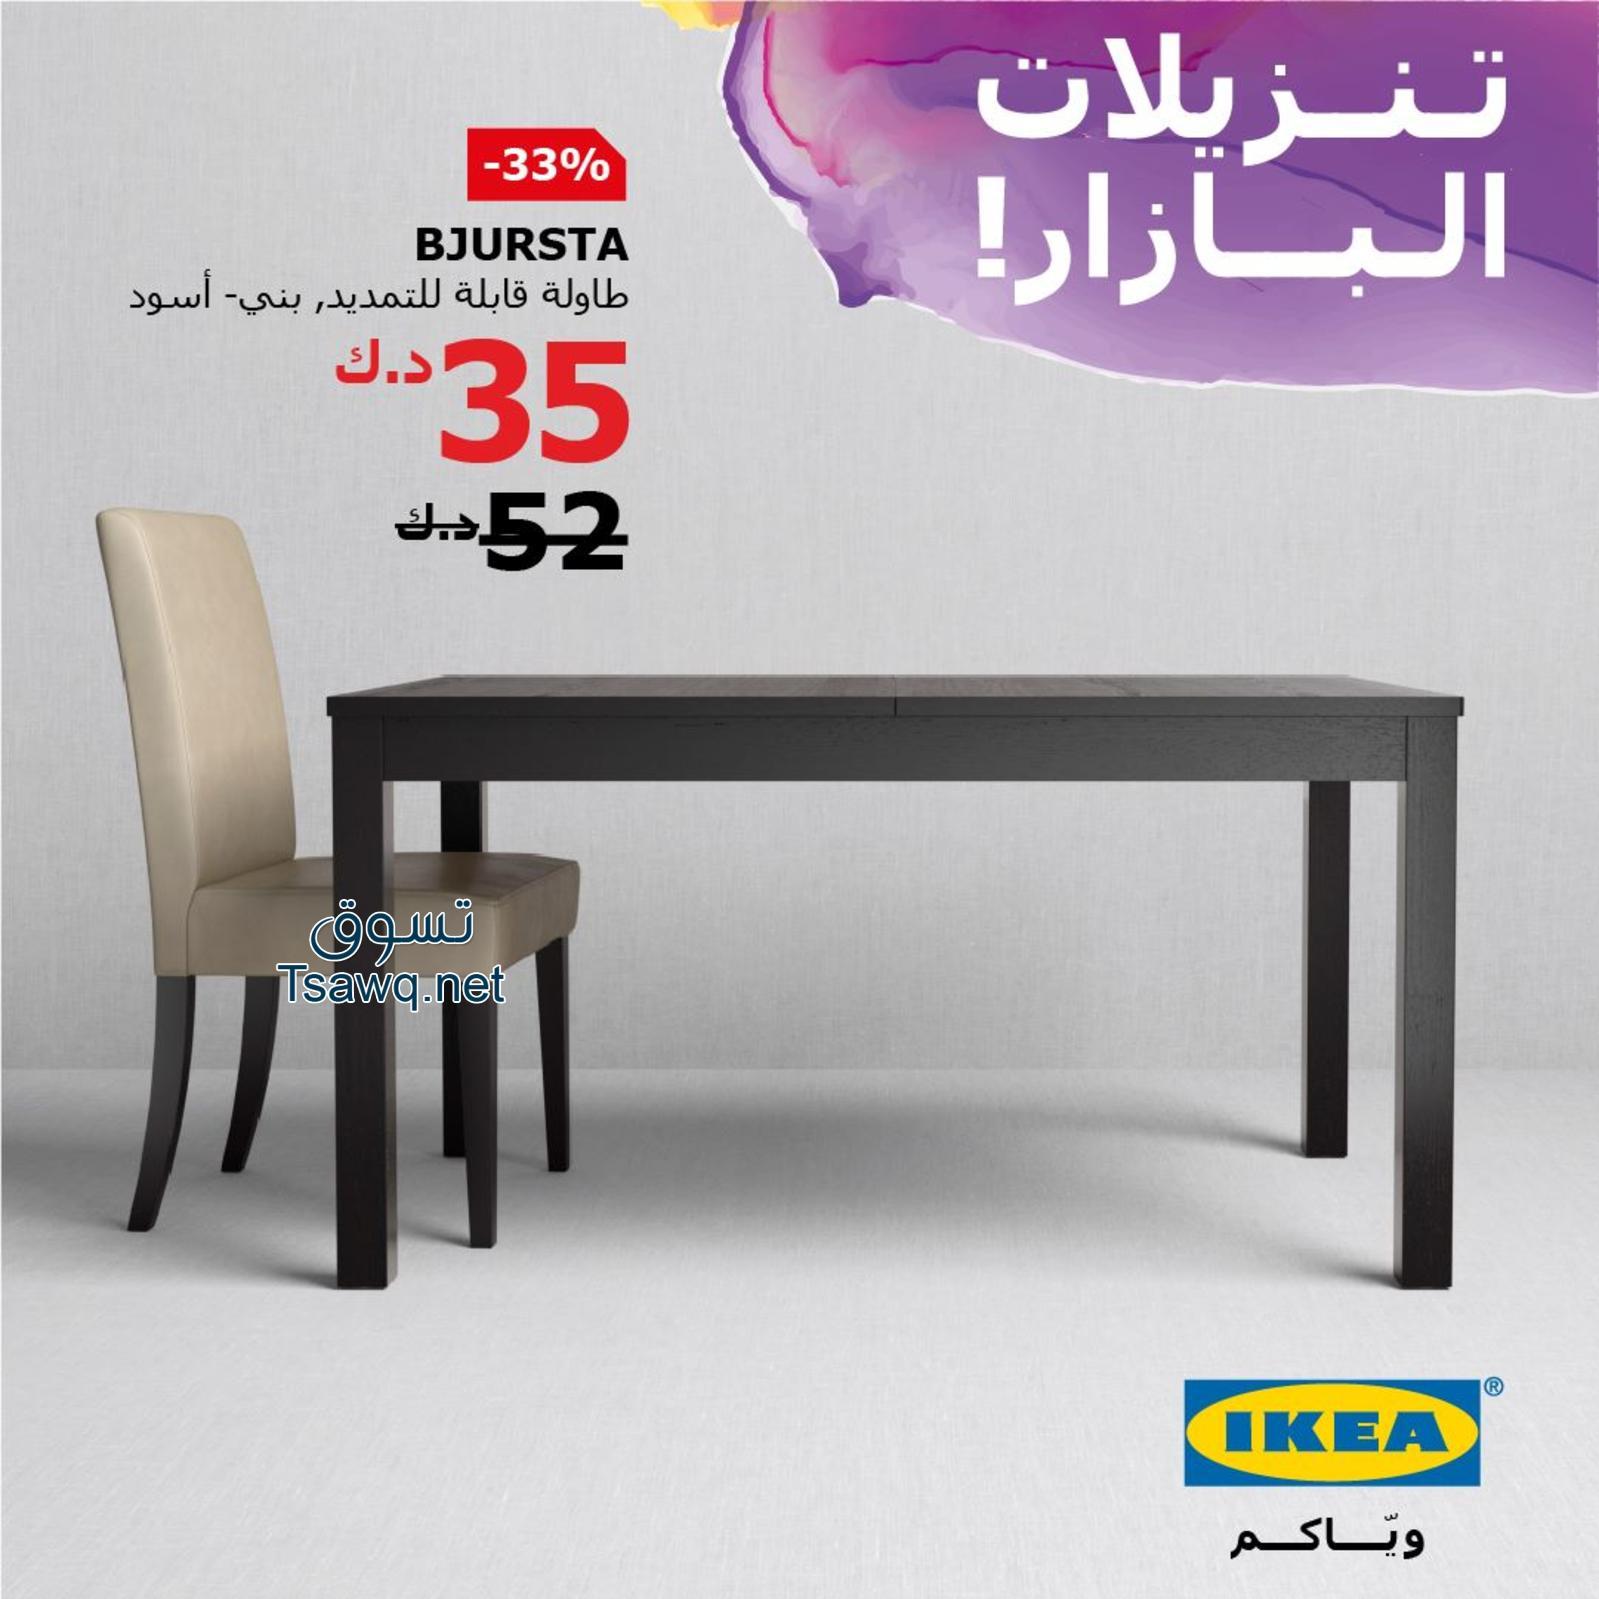 Calaméo - Tsawq Net Ikea Kuwait 4 4 2019